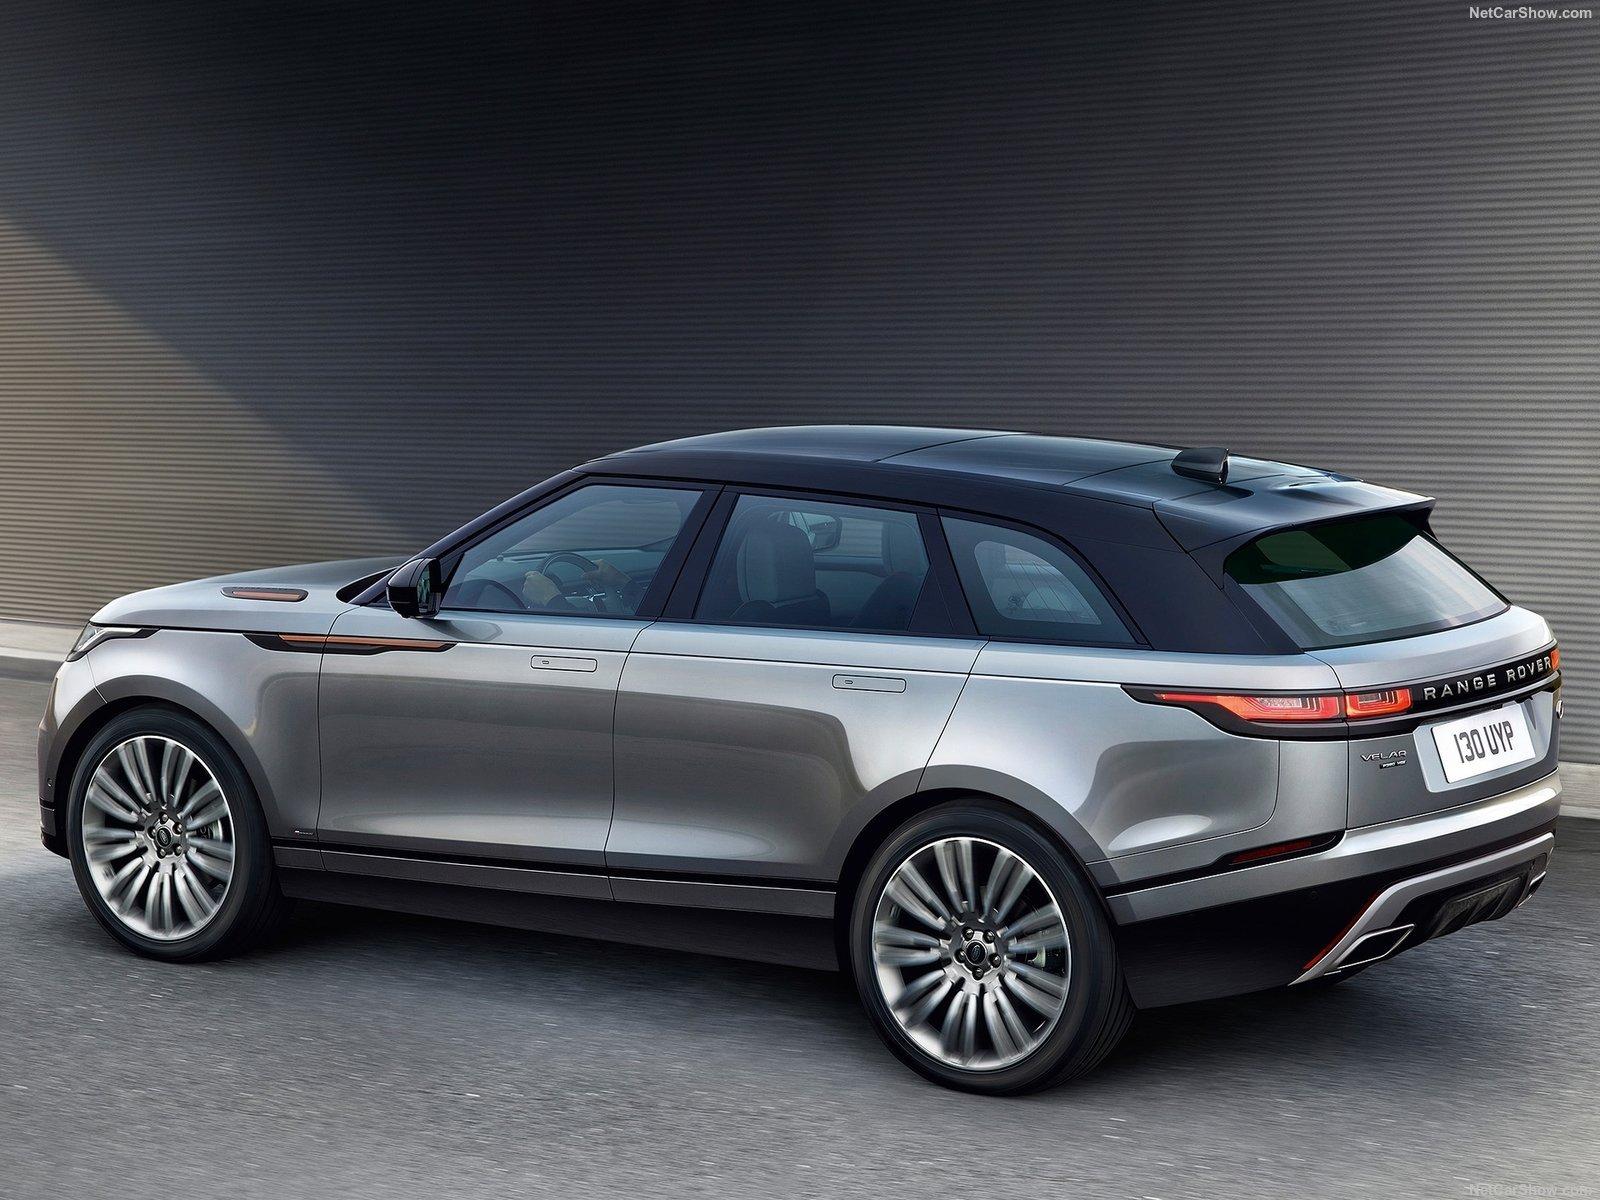 Land_Rover-Range_Rover_Velar-2018-1600-0f